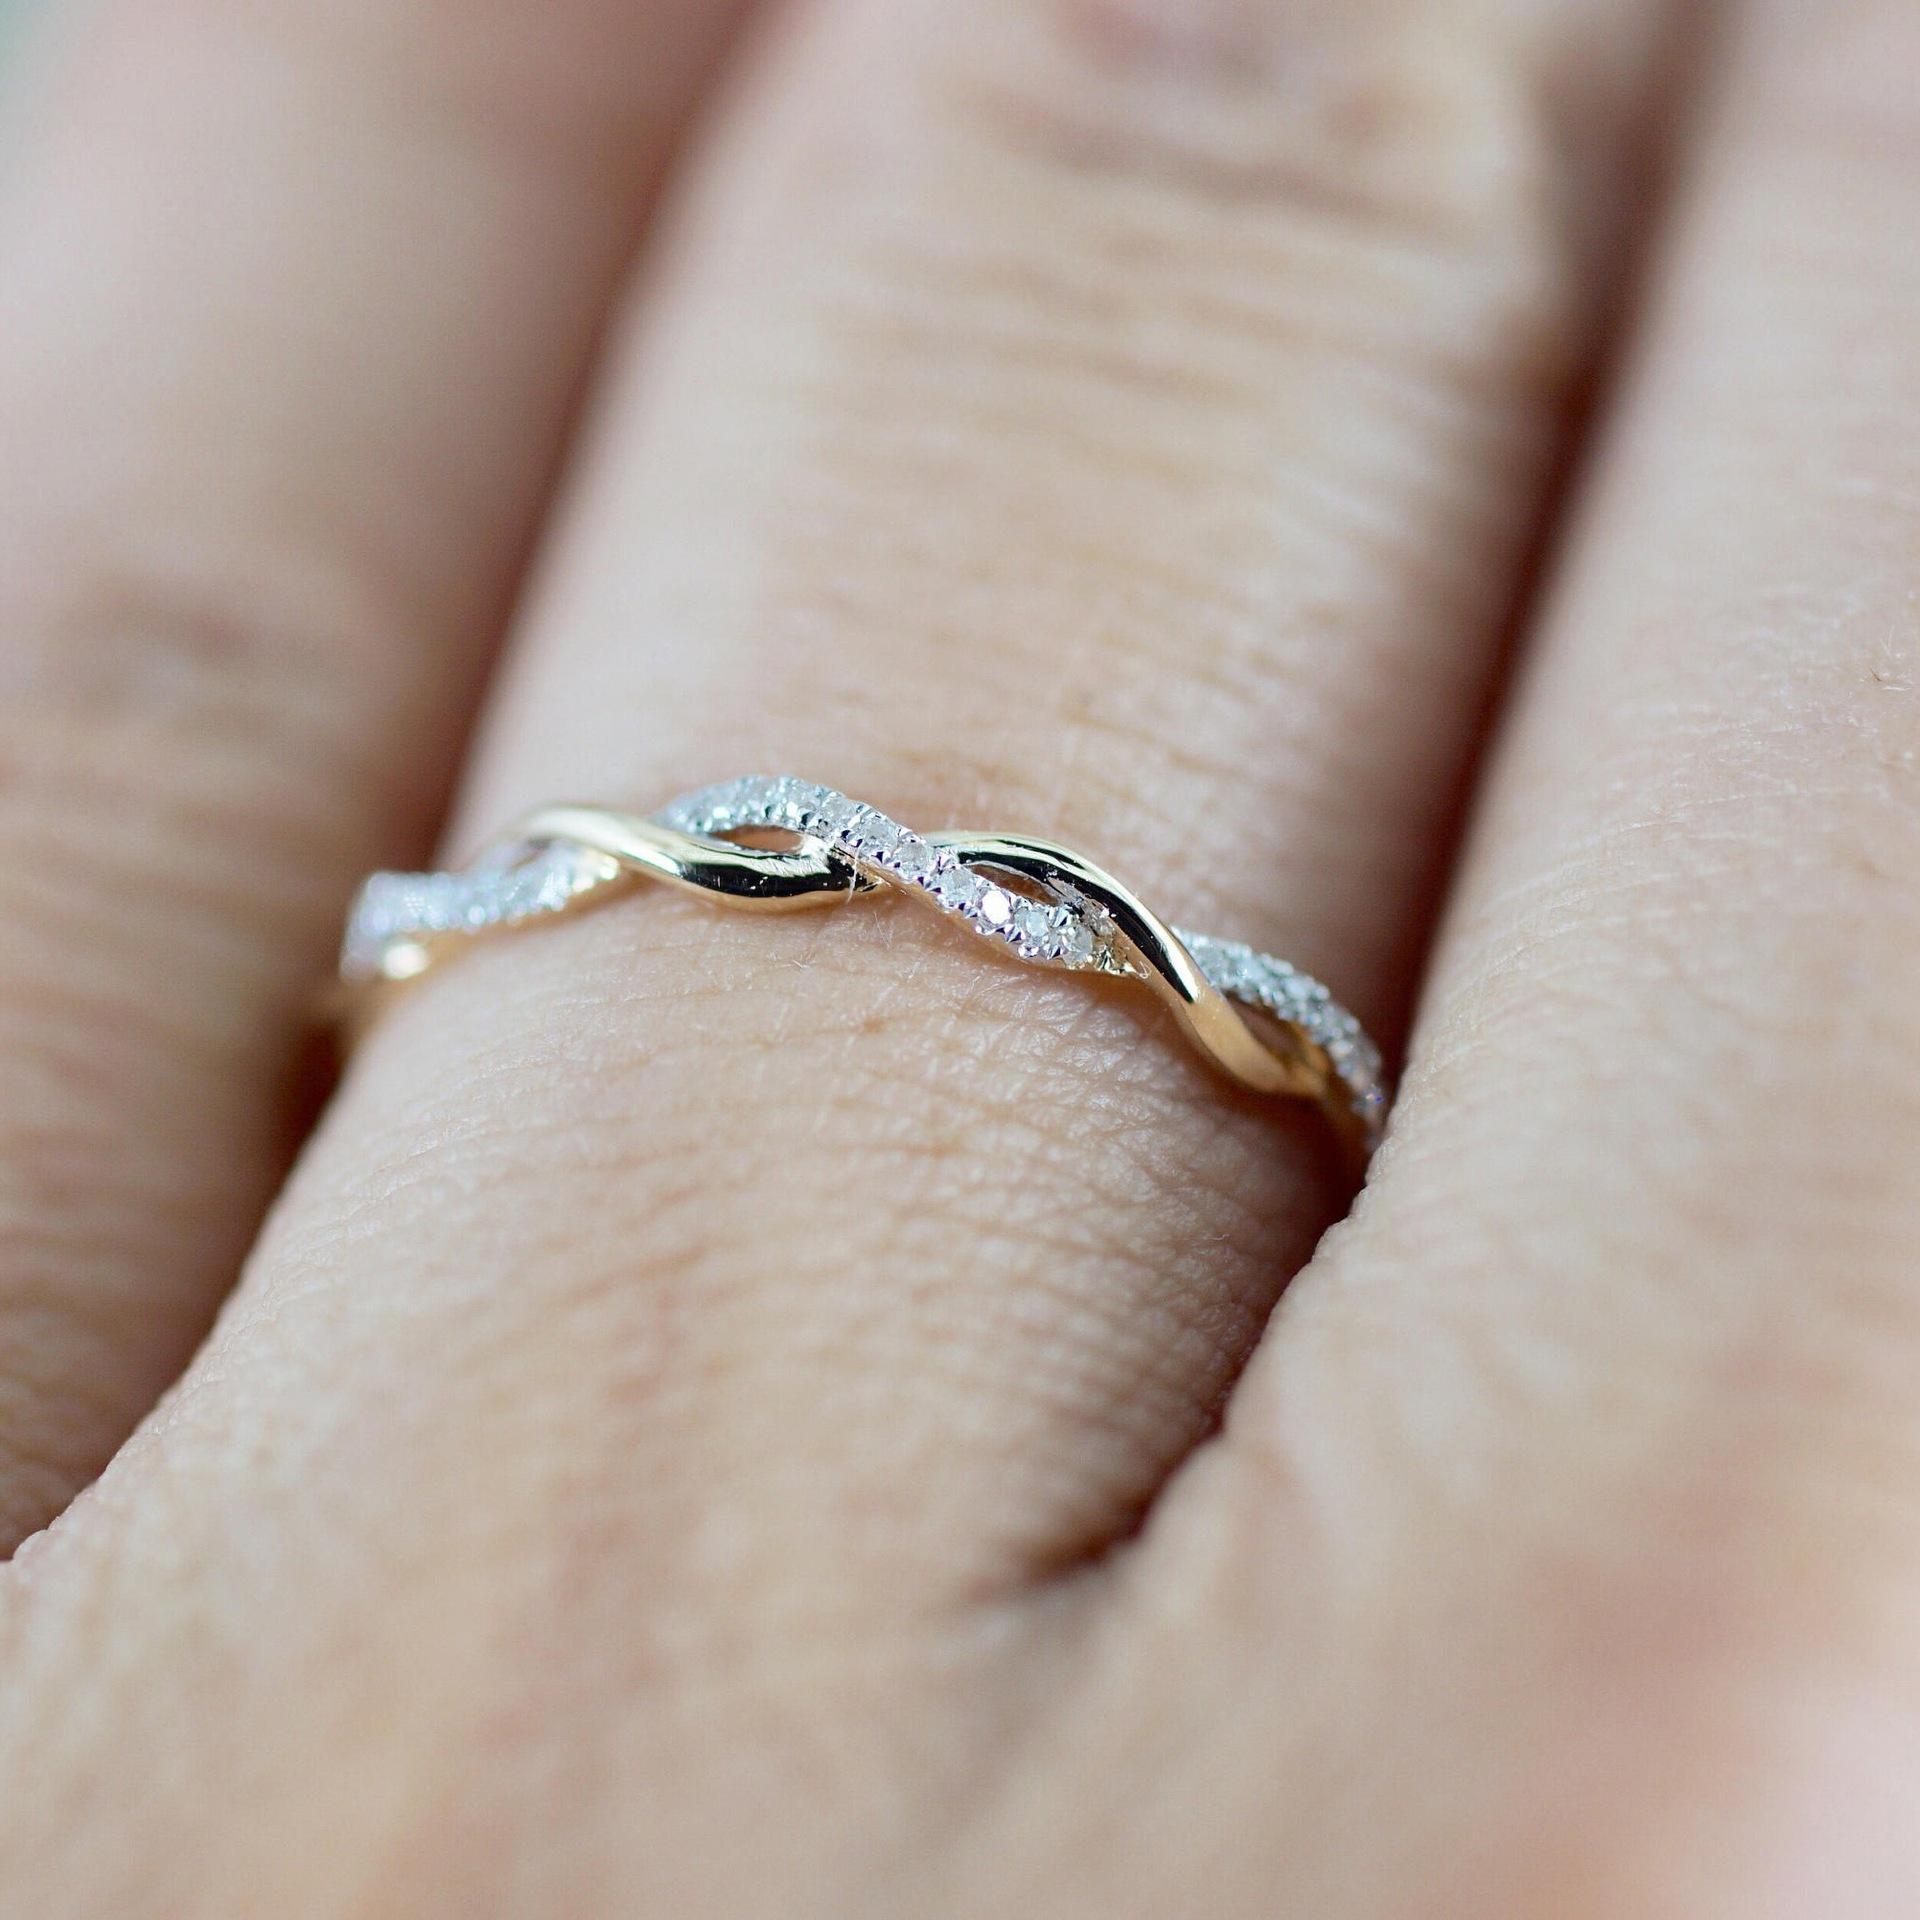 Europa e pieno di diamanti Twist anelli Accessori di gioielli Accessori di gioielli di design dell'anello della lega ritorto delle donne dell'America